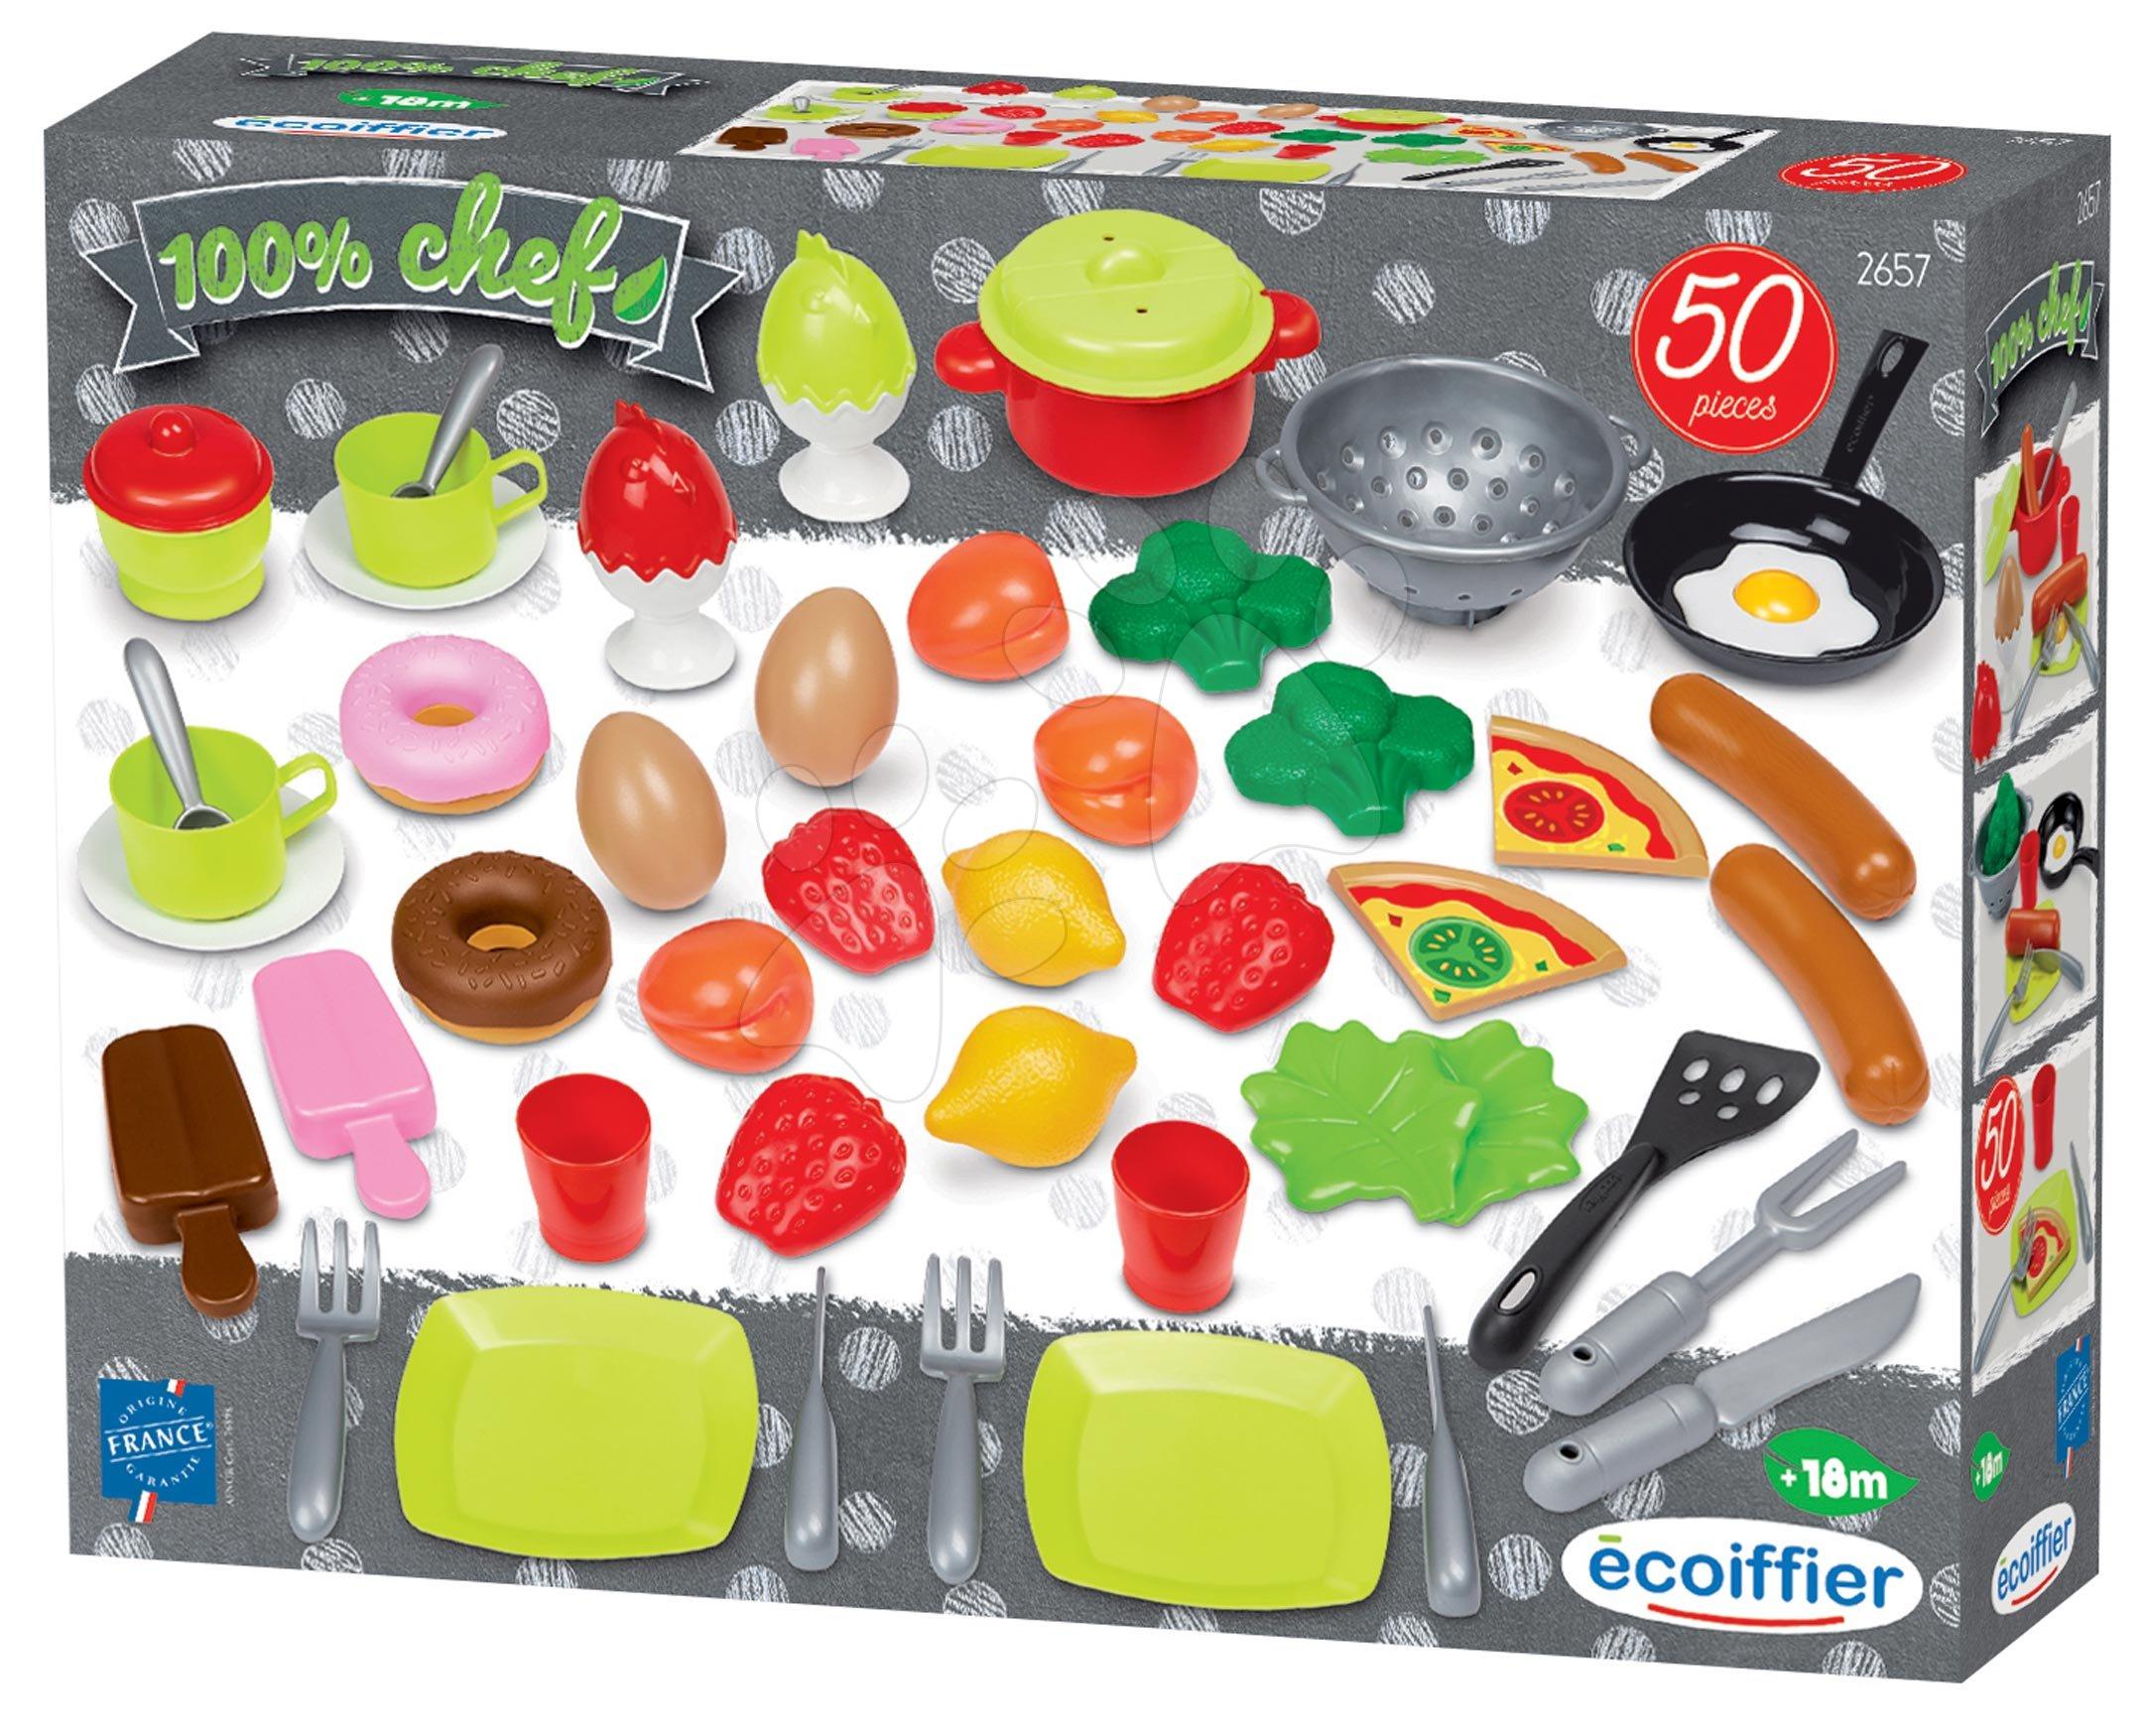 Potraviny a nádobí pro kuchyňku 100% Chef Écoiffier 50 druhů od 18 měsíců